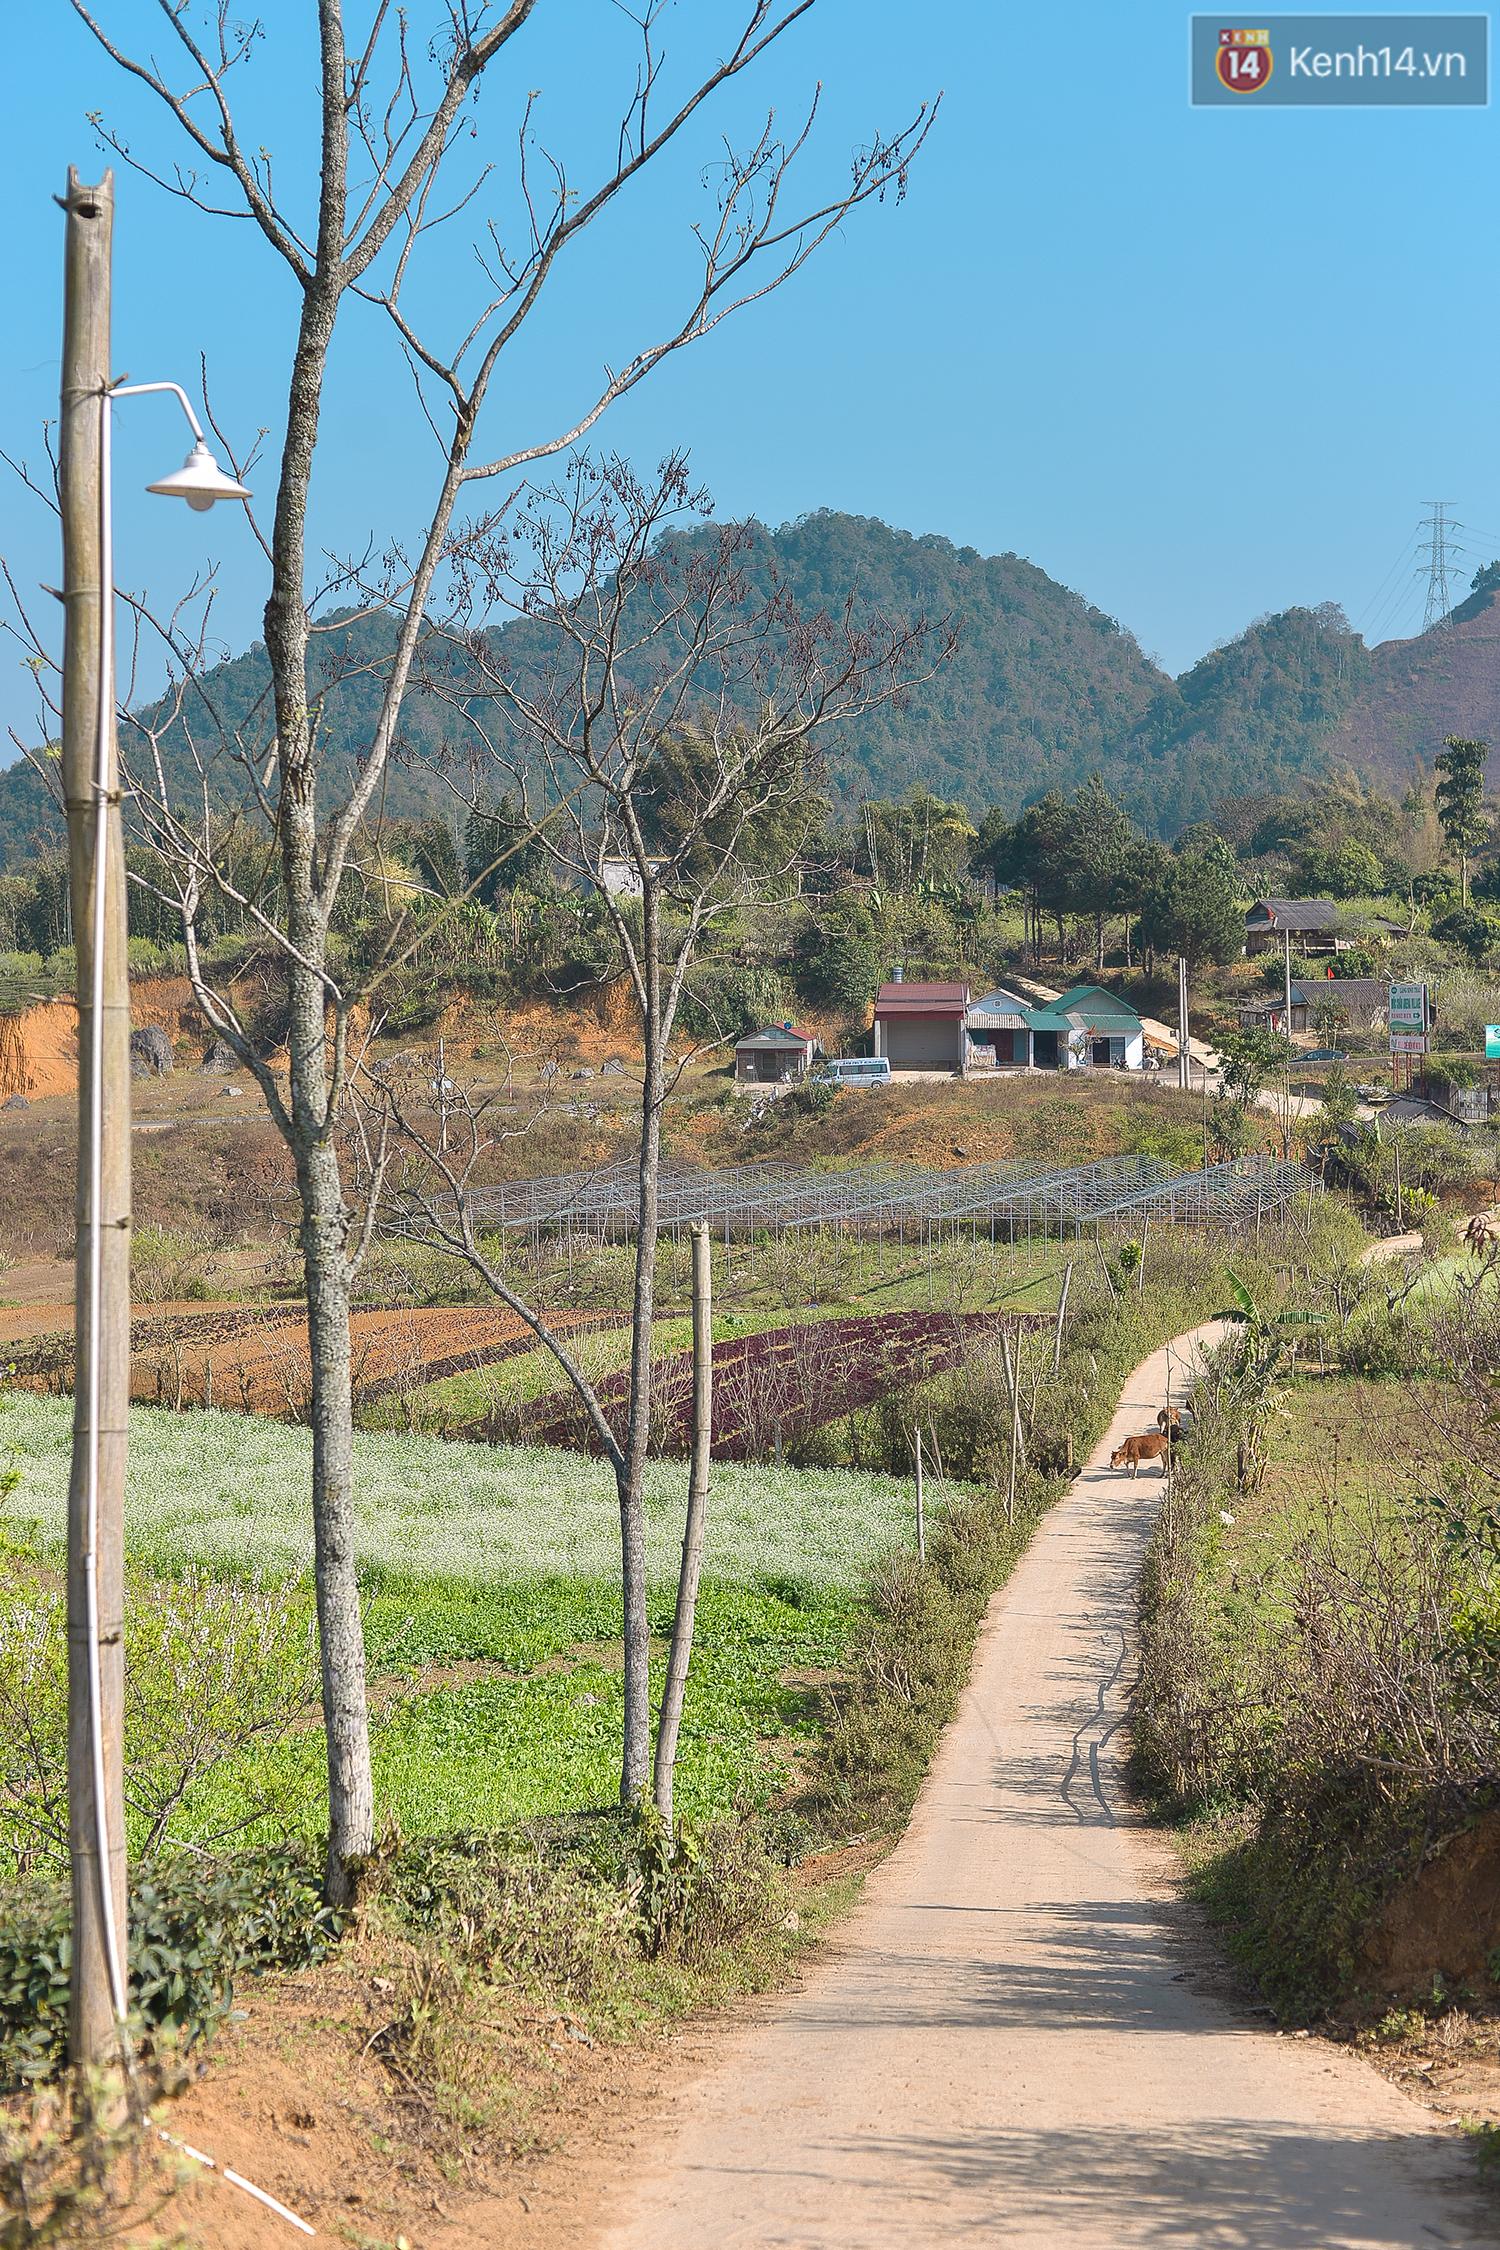 Lên Mộc Châu, ngủ nhà container đầy sắc màu giữa rừng mận trắng, cải vàng - Ảnh 1.